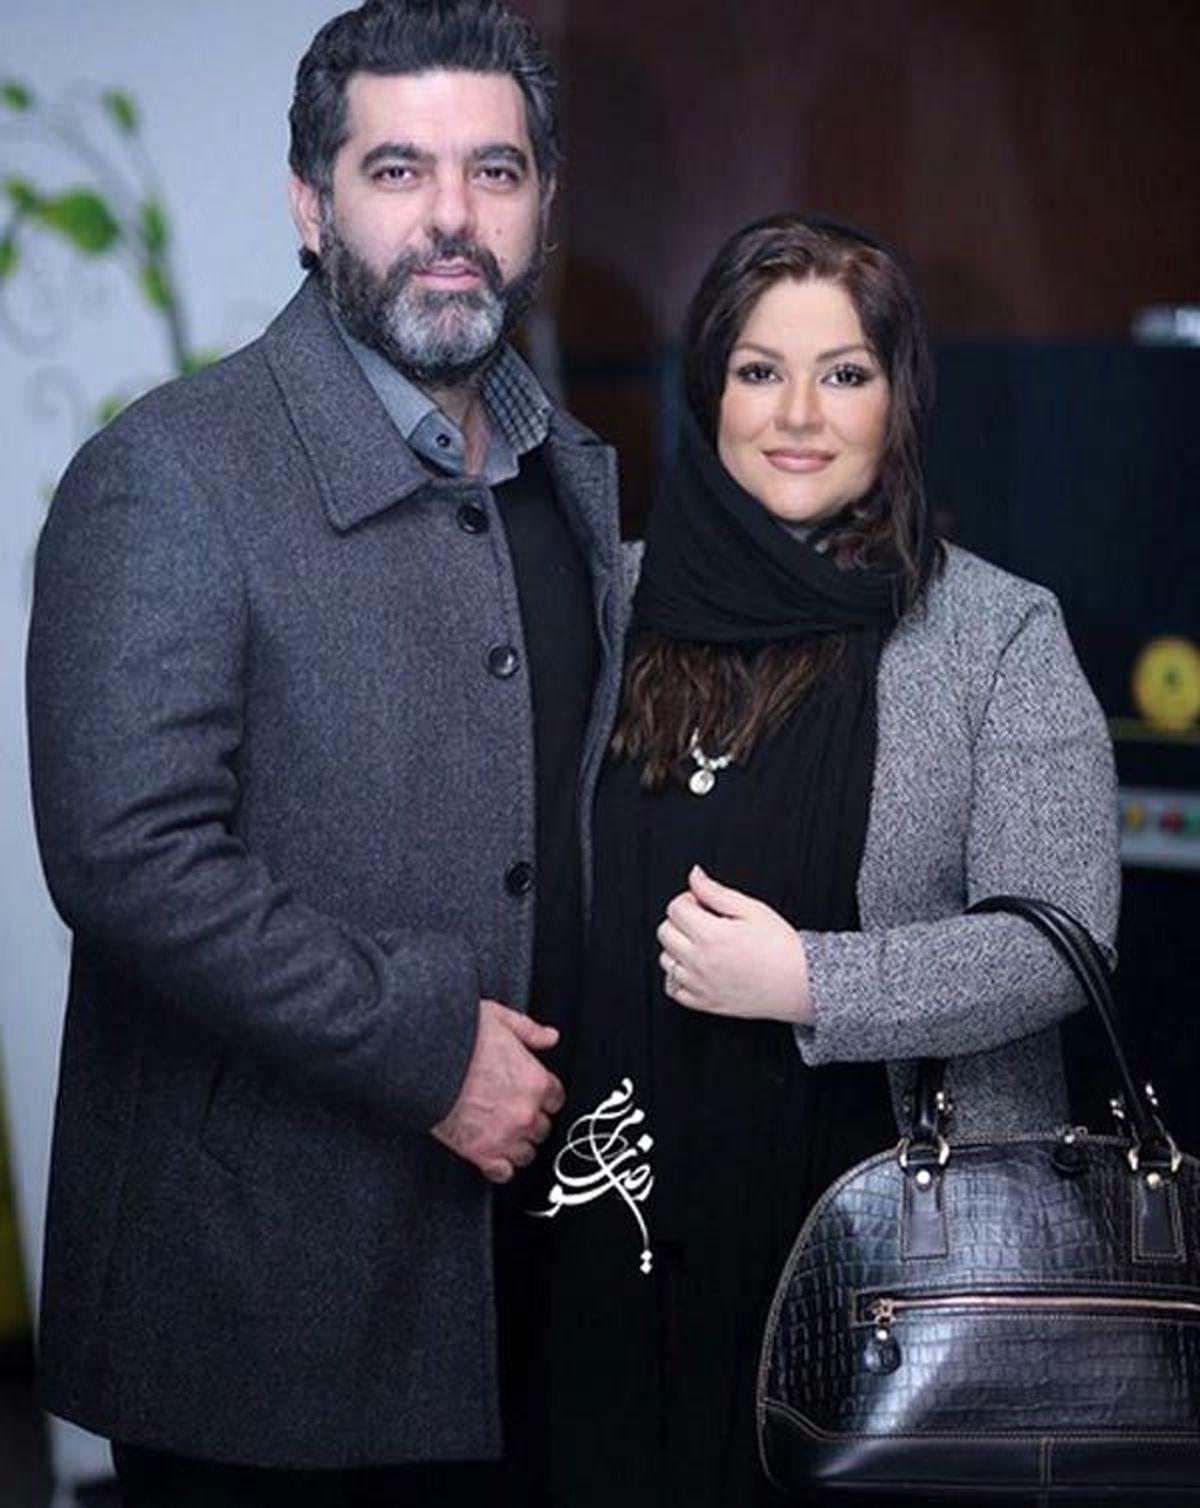 بیوگرافی مصطفی کیایی + عکس های همسر و فرزندش